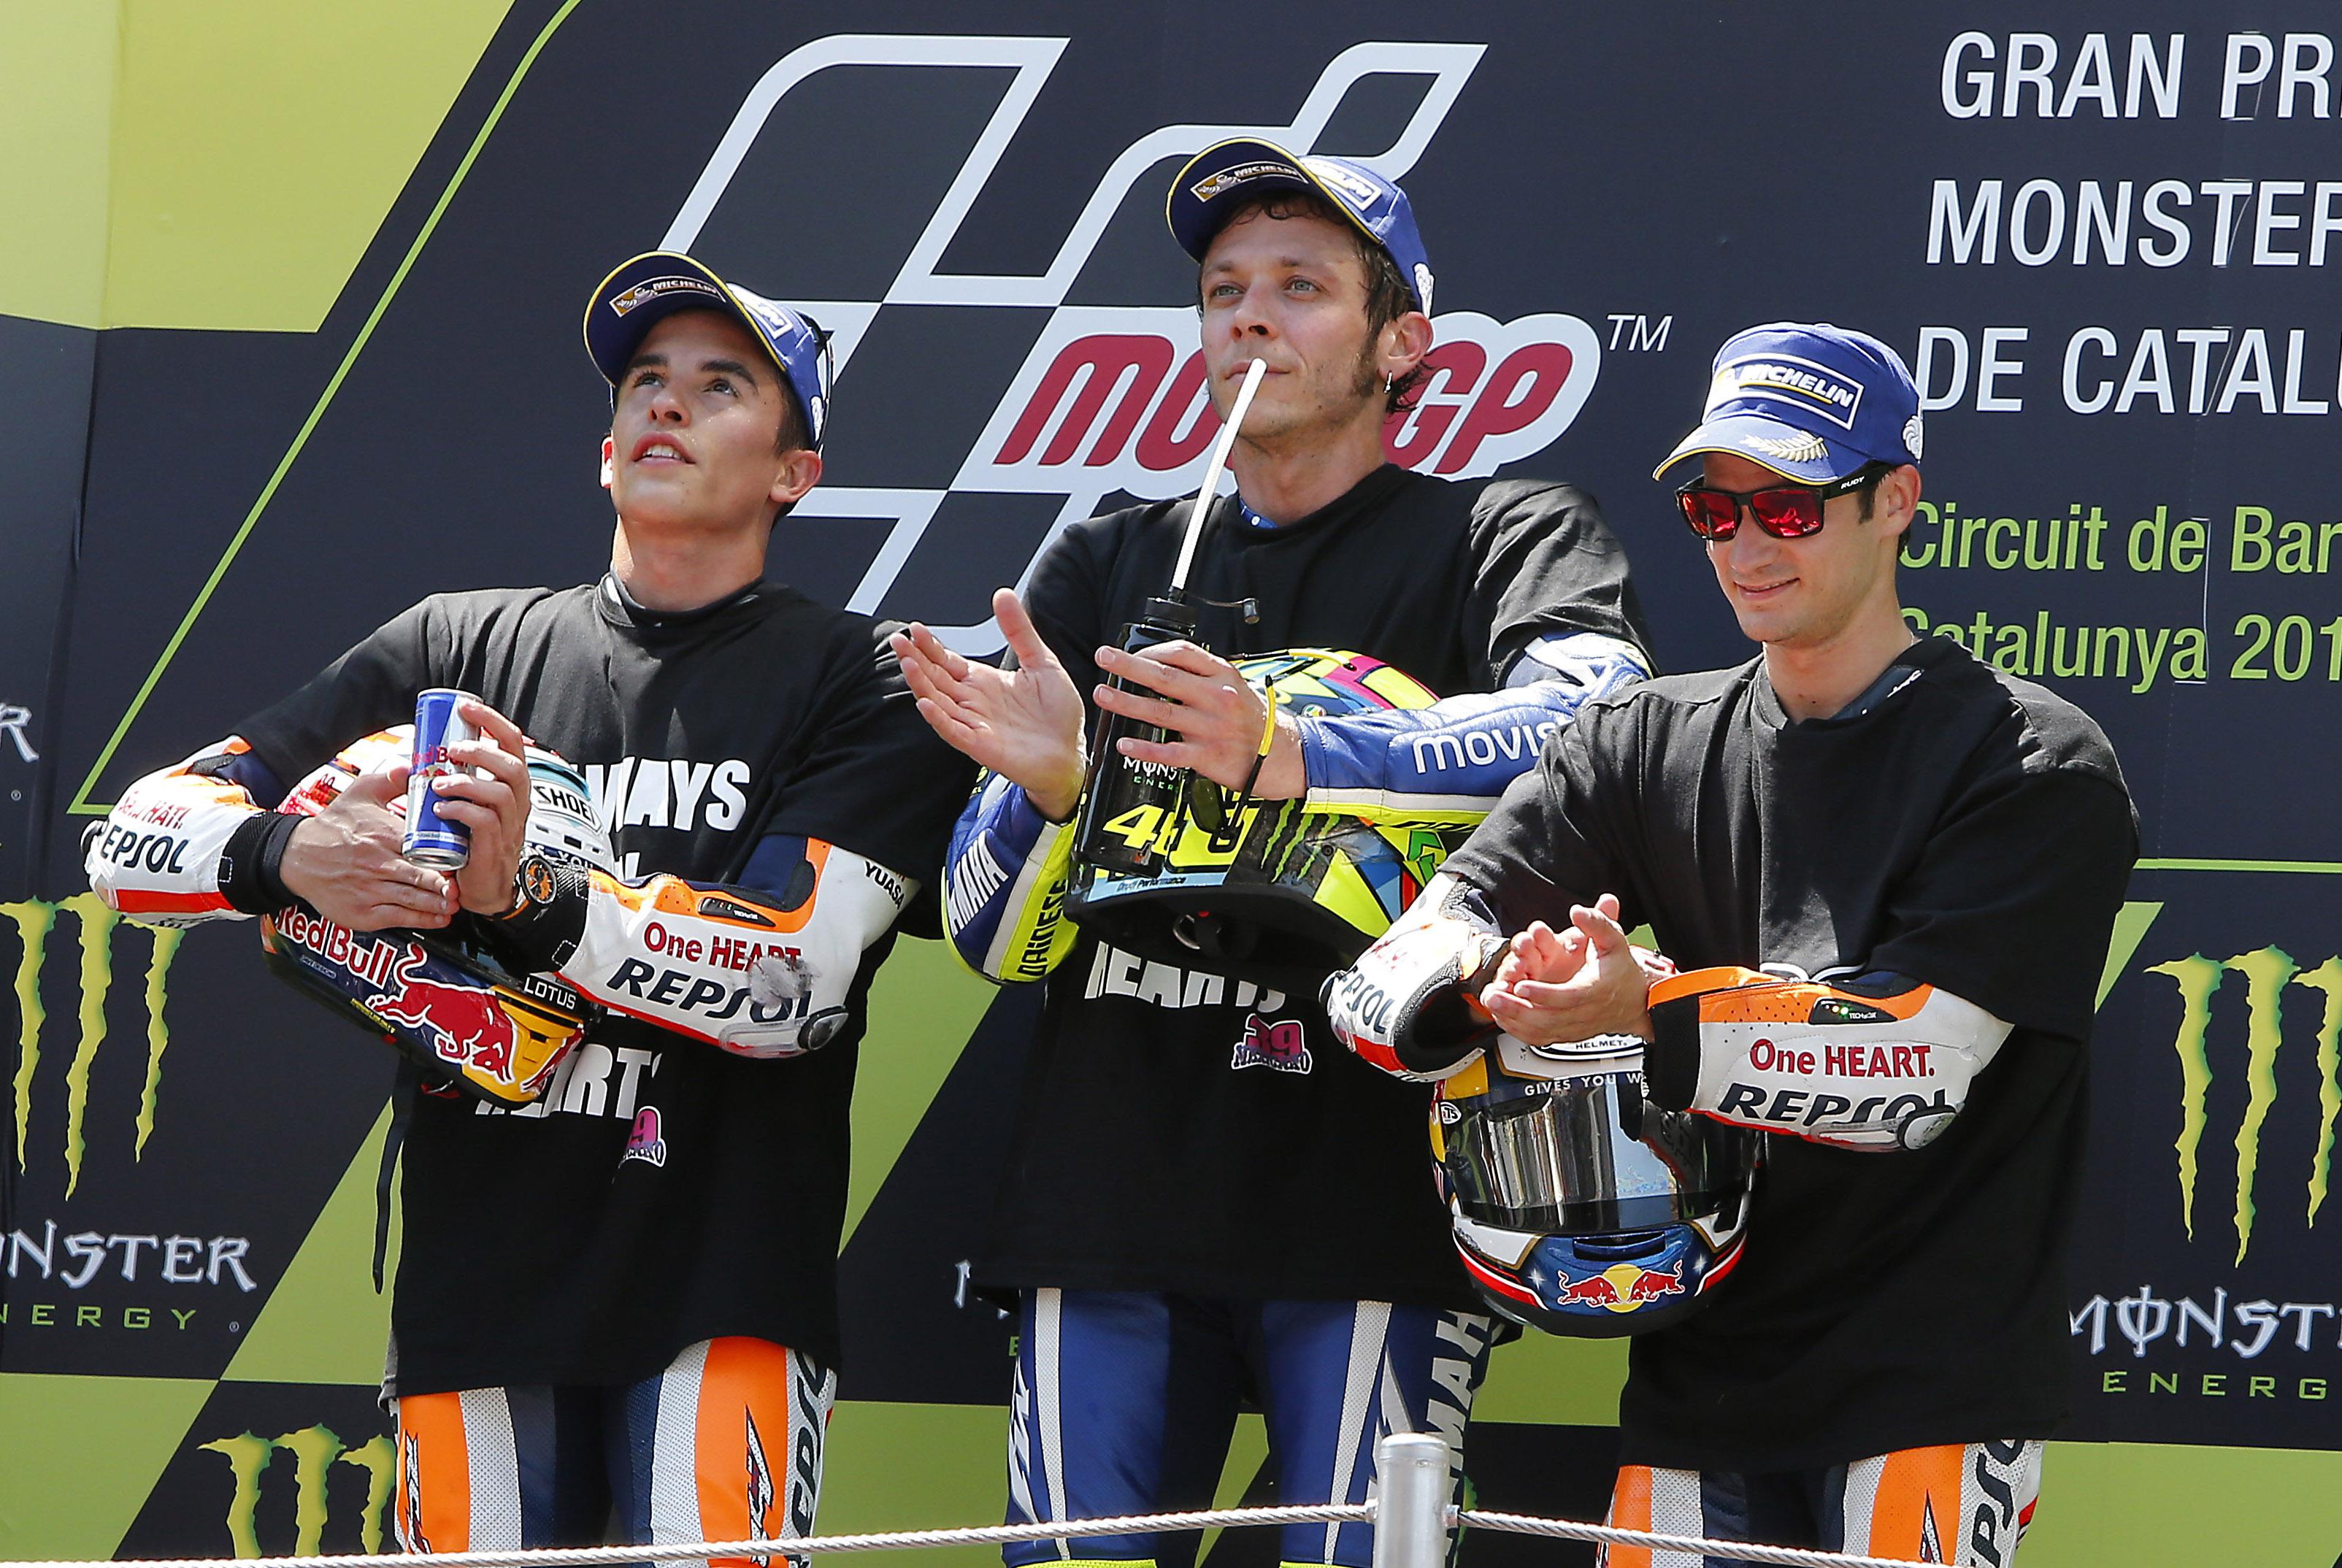 Rossi, Márquez y Pedrosa en el pódium del Gran Premio de Catalunya de MotoGp